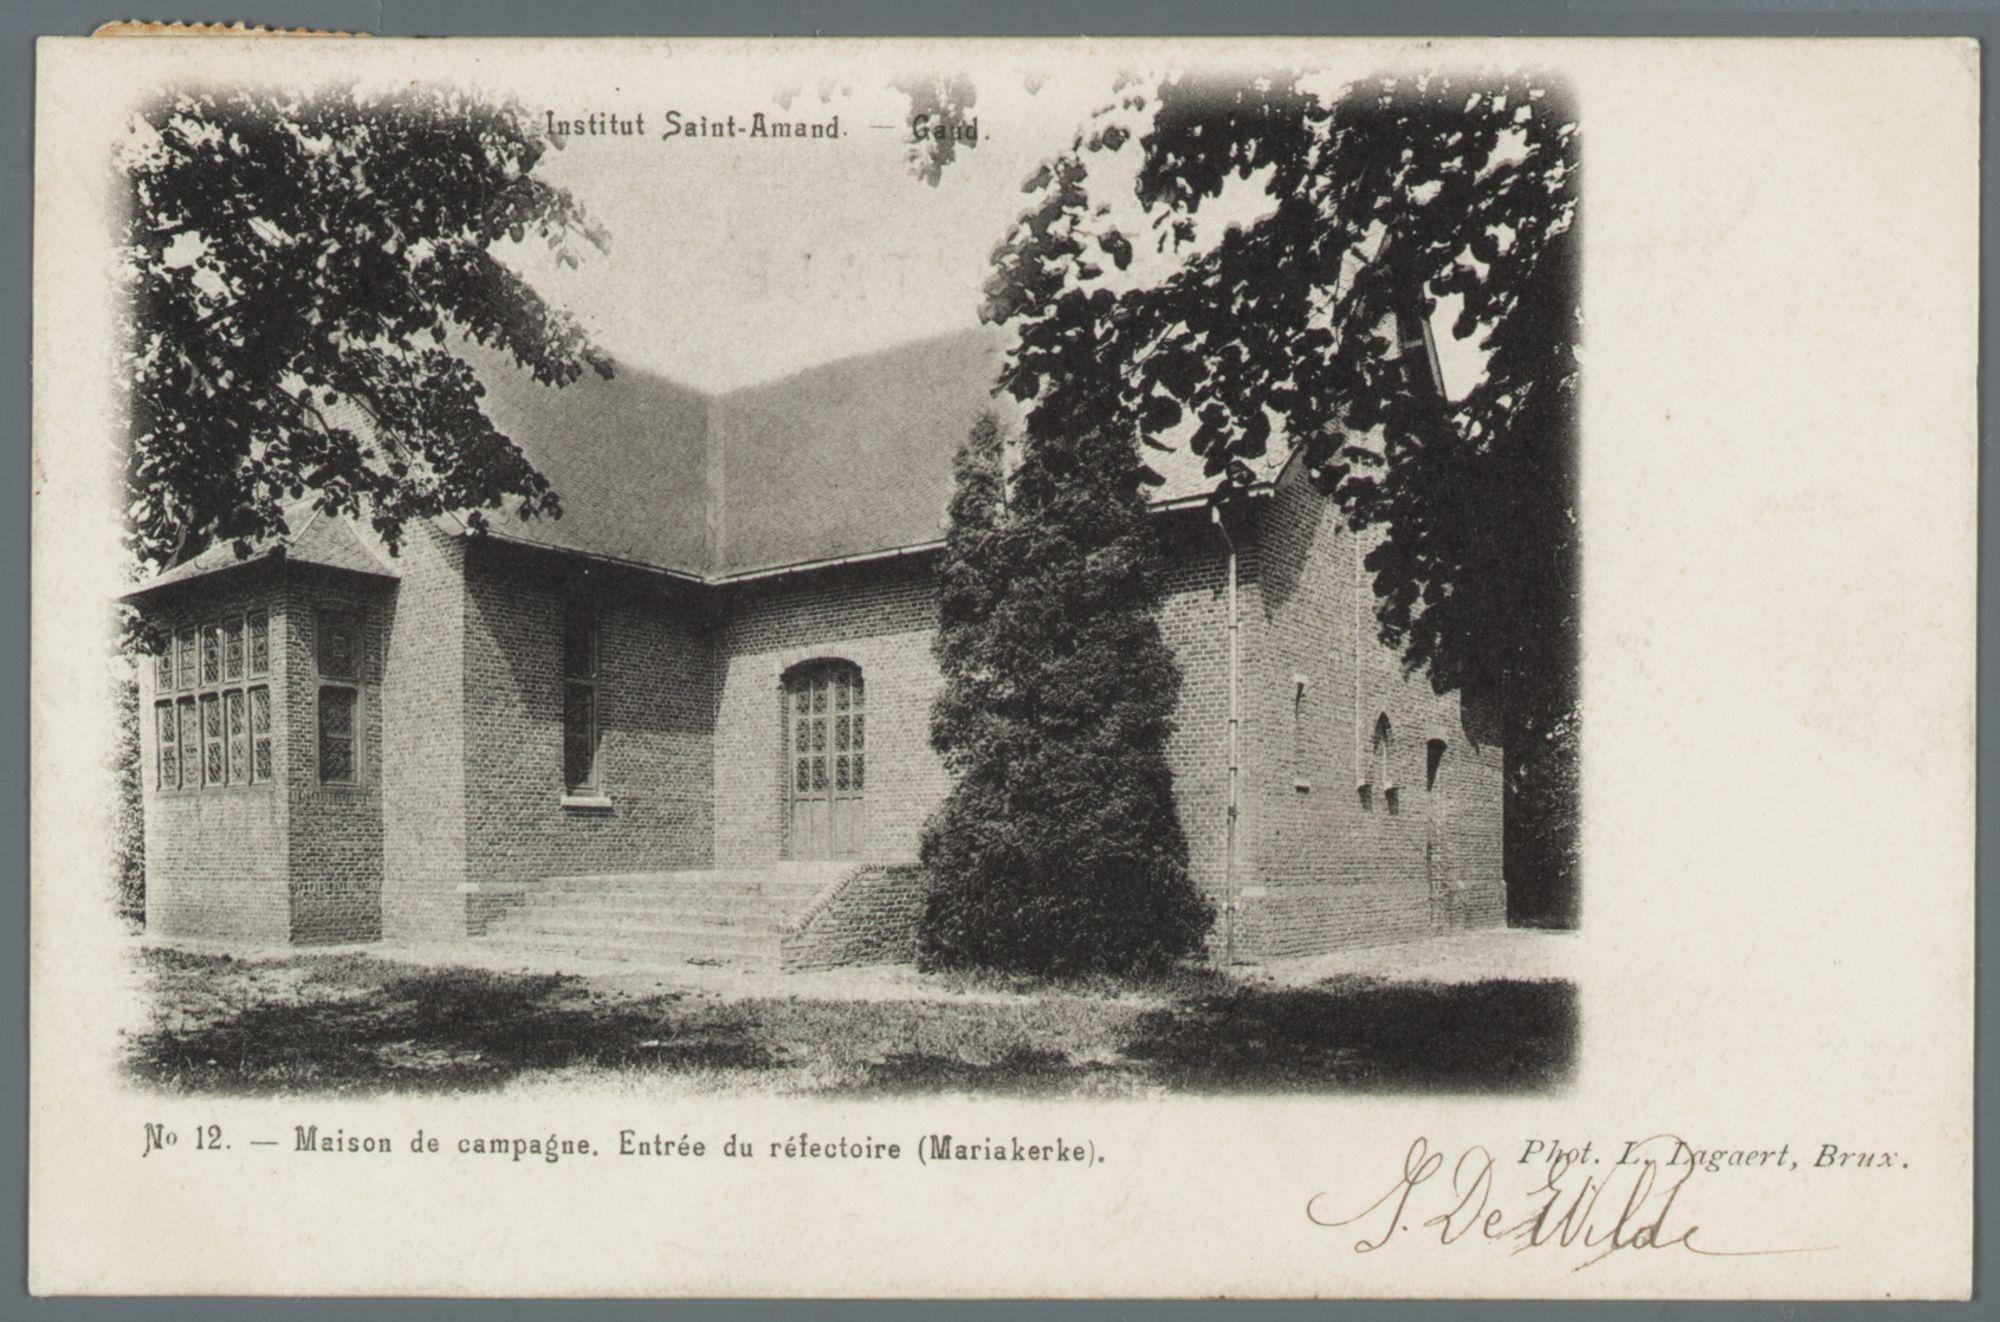 Mariakerke (bij Gent): buitenverblijf van het Sint-Amandsinstituut: ingang van de refter (eetzaal)